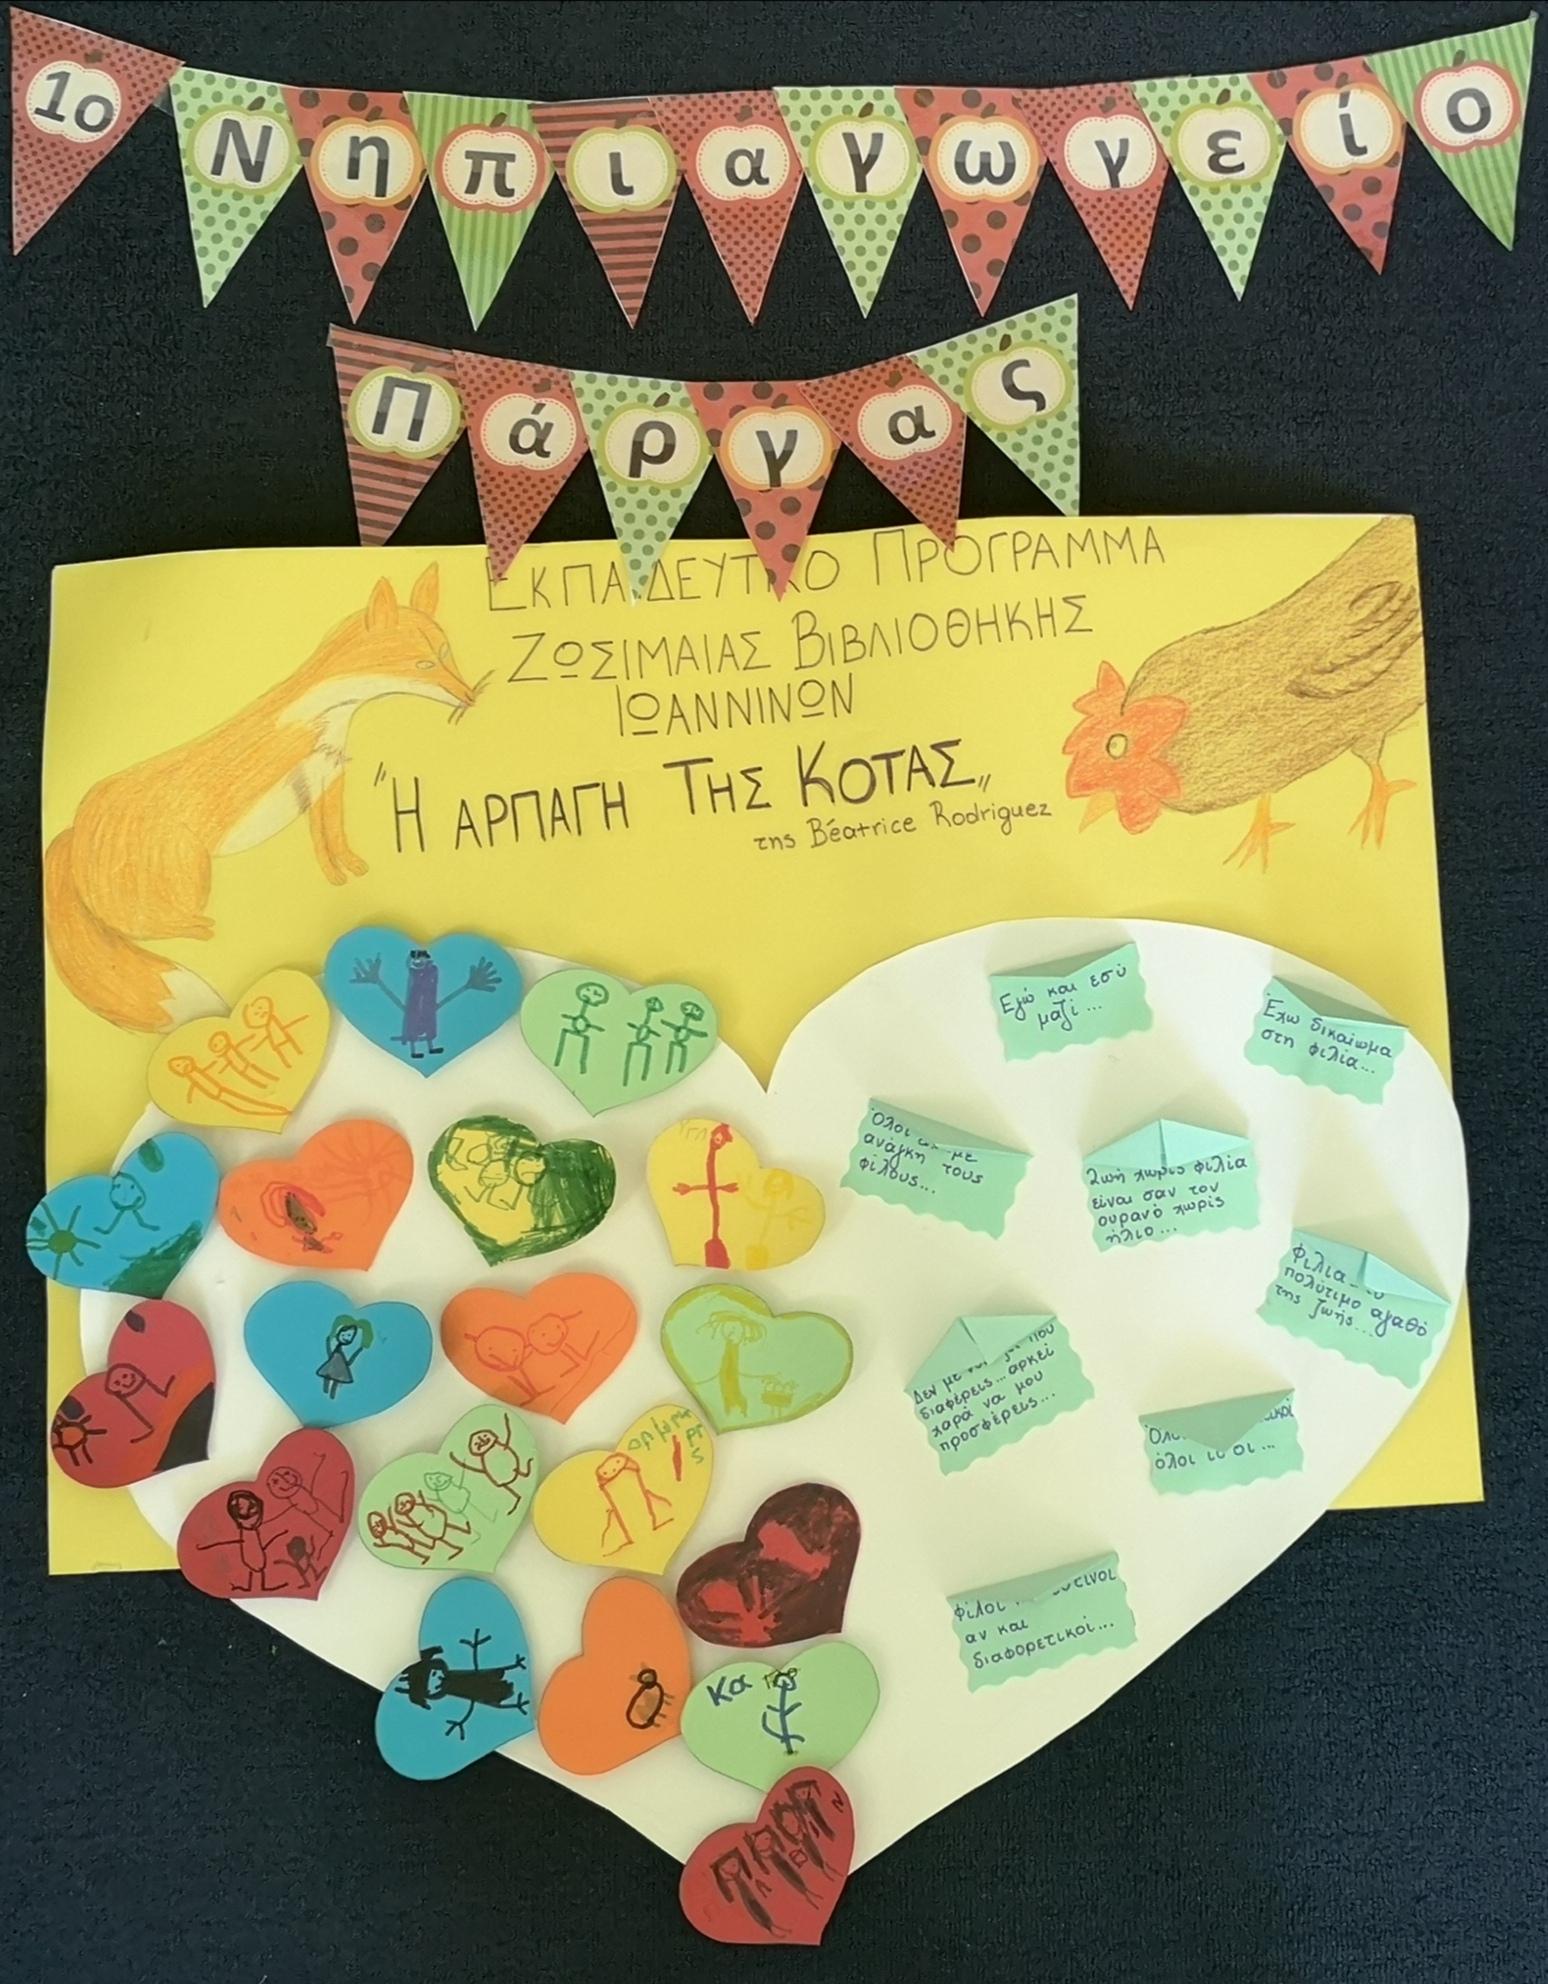 Παγκόσμια Ημέρα Παιδικού Βιβλίου 2017